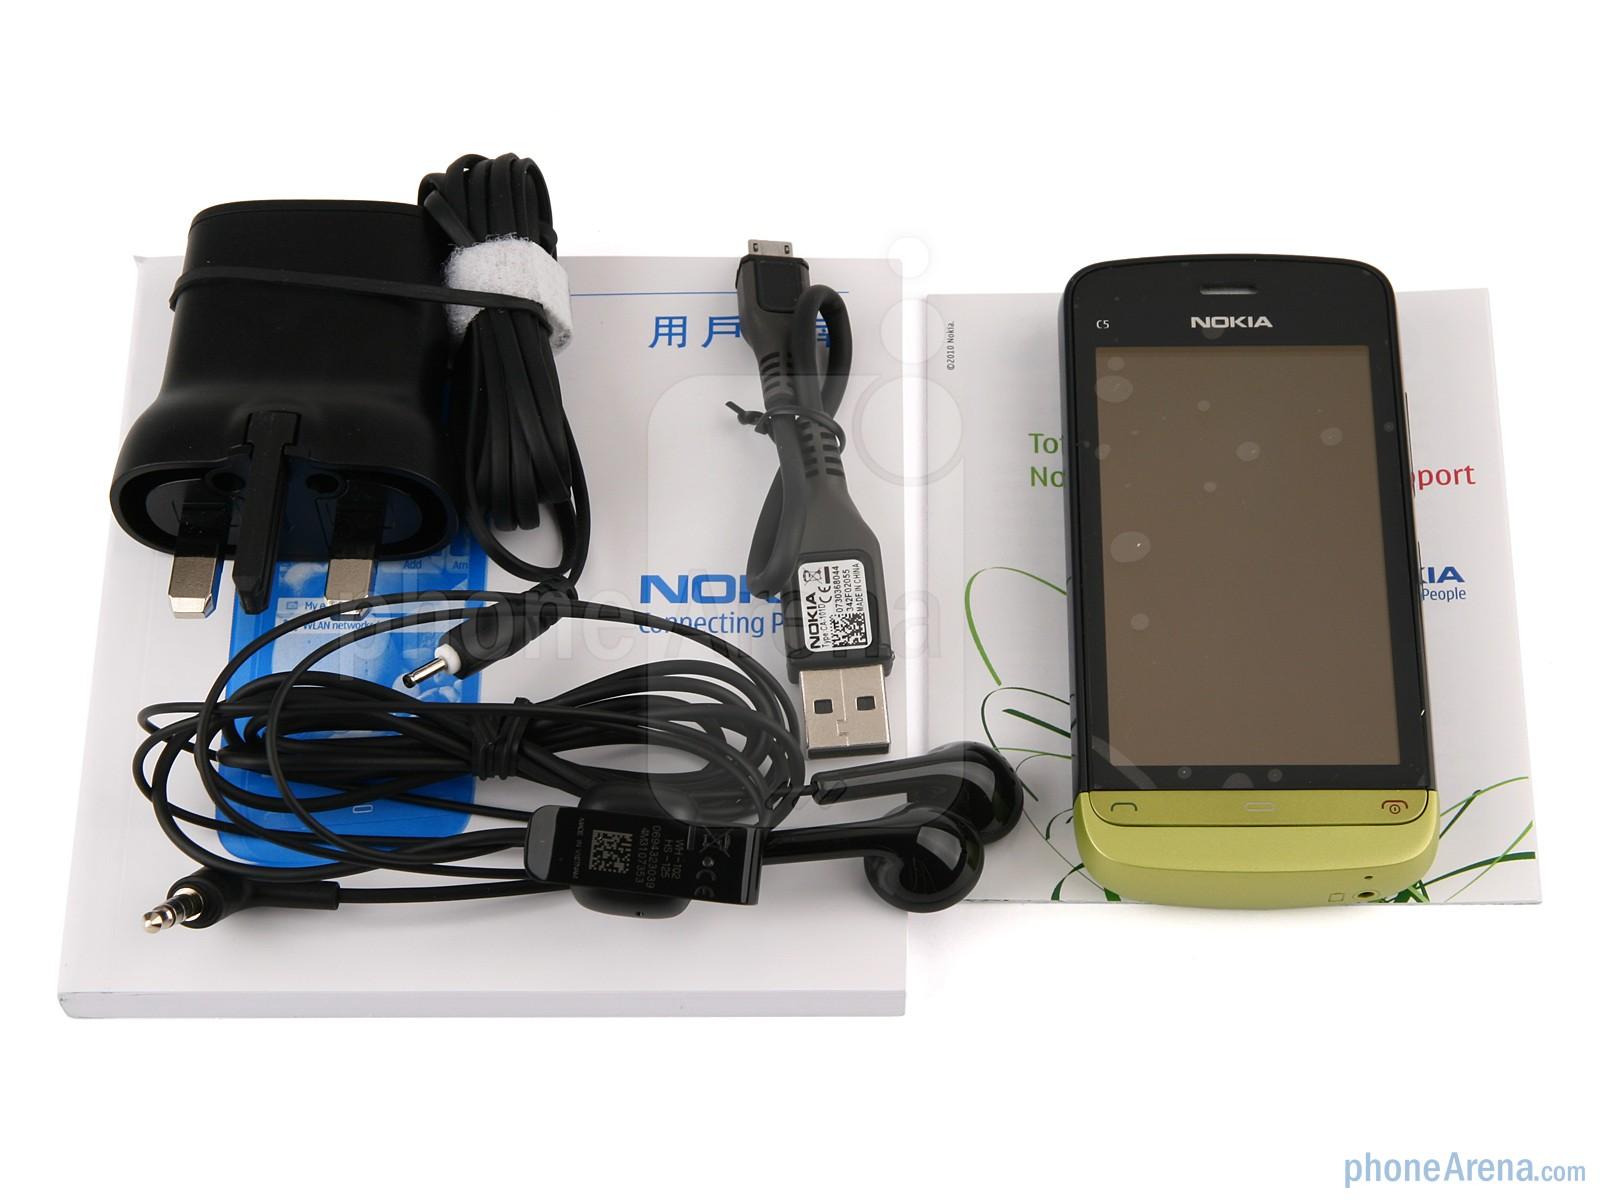 Nokia C5 03 Review